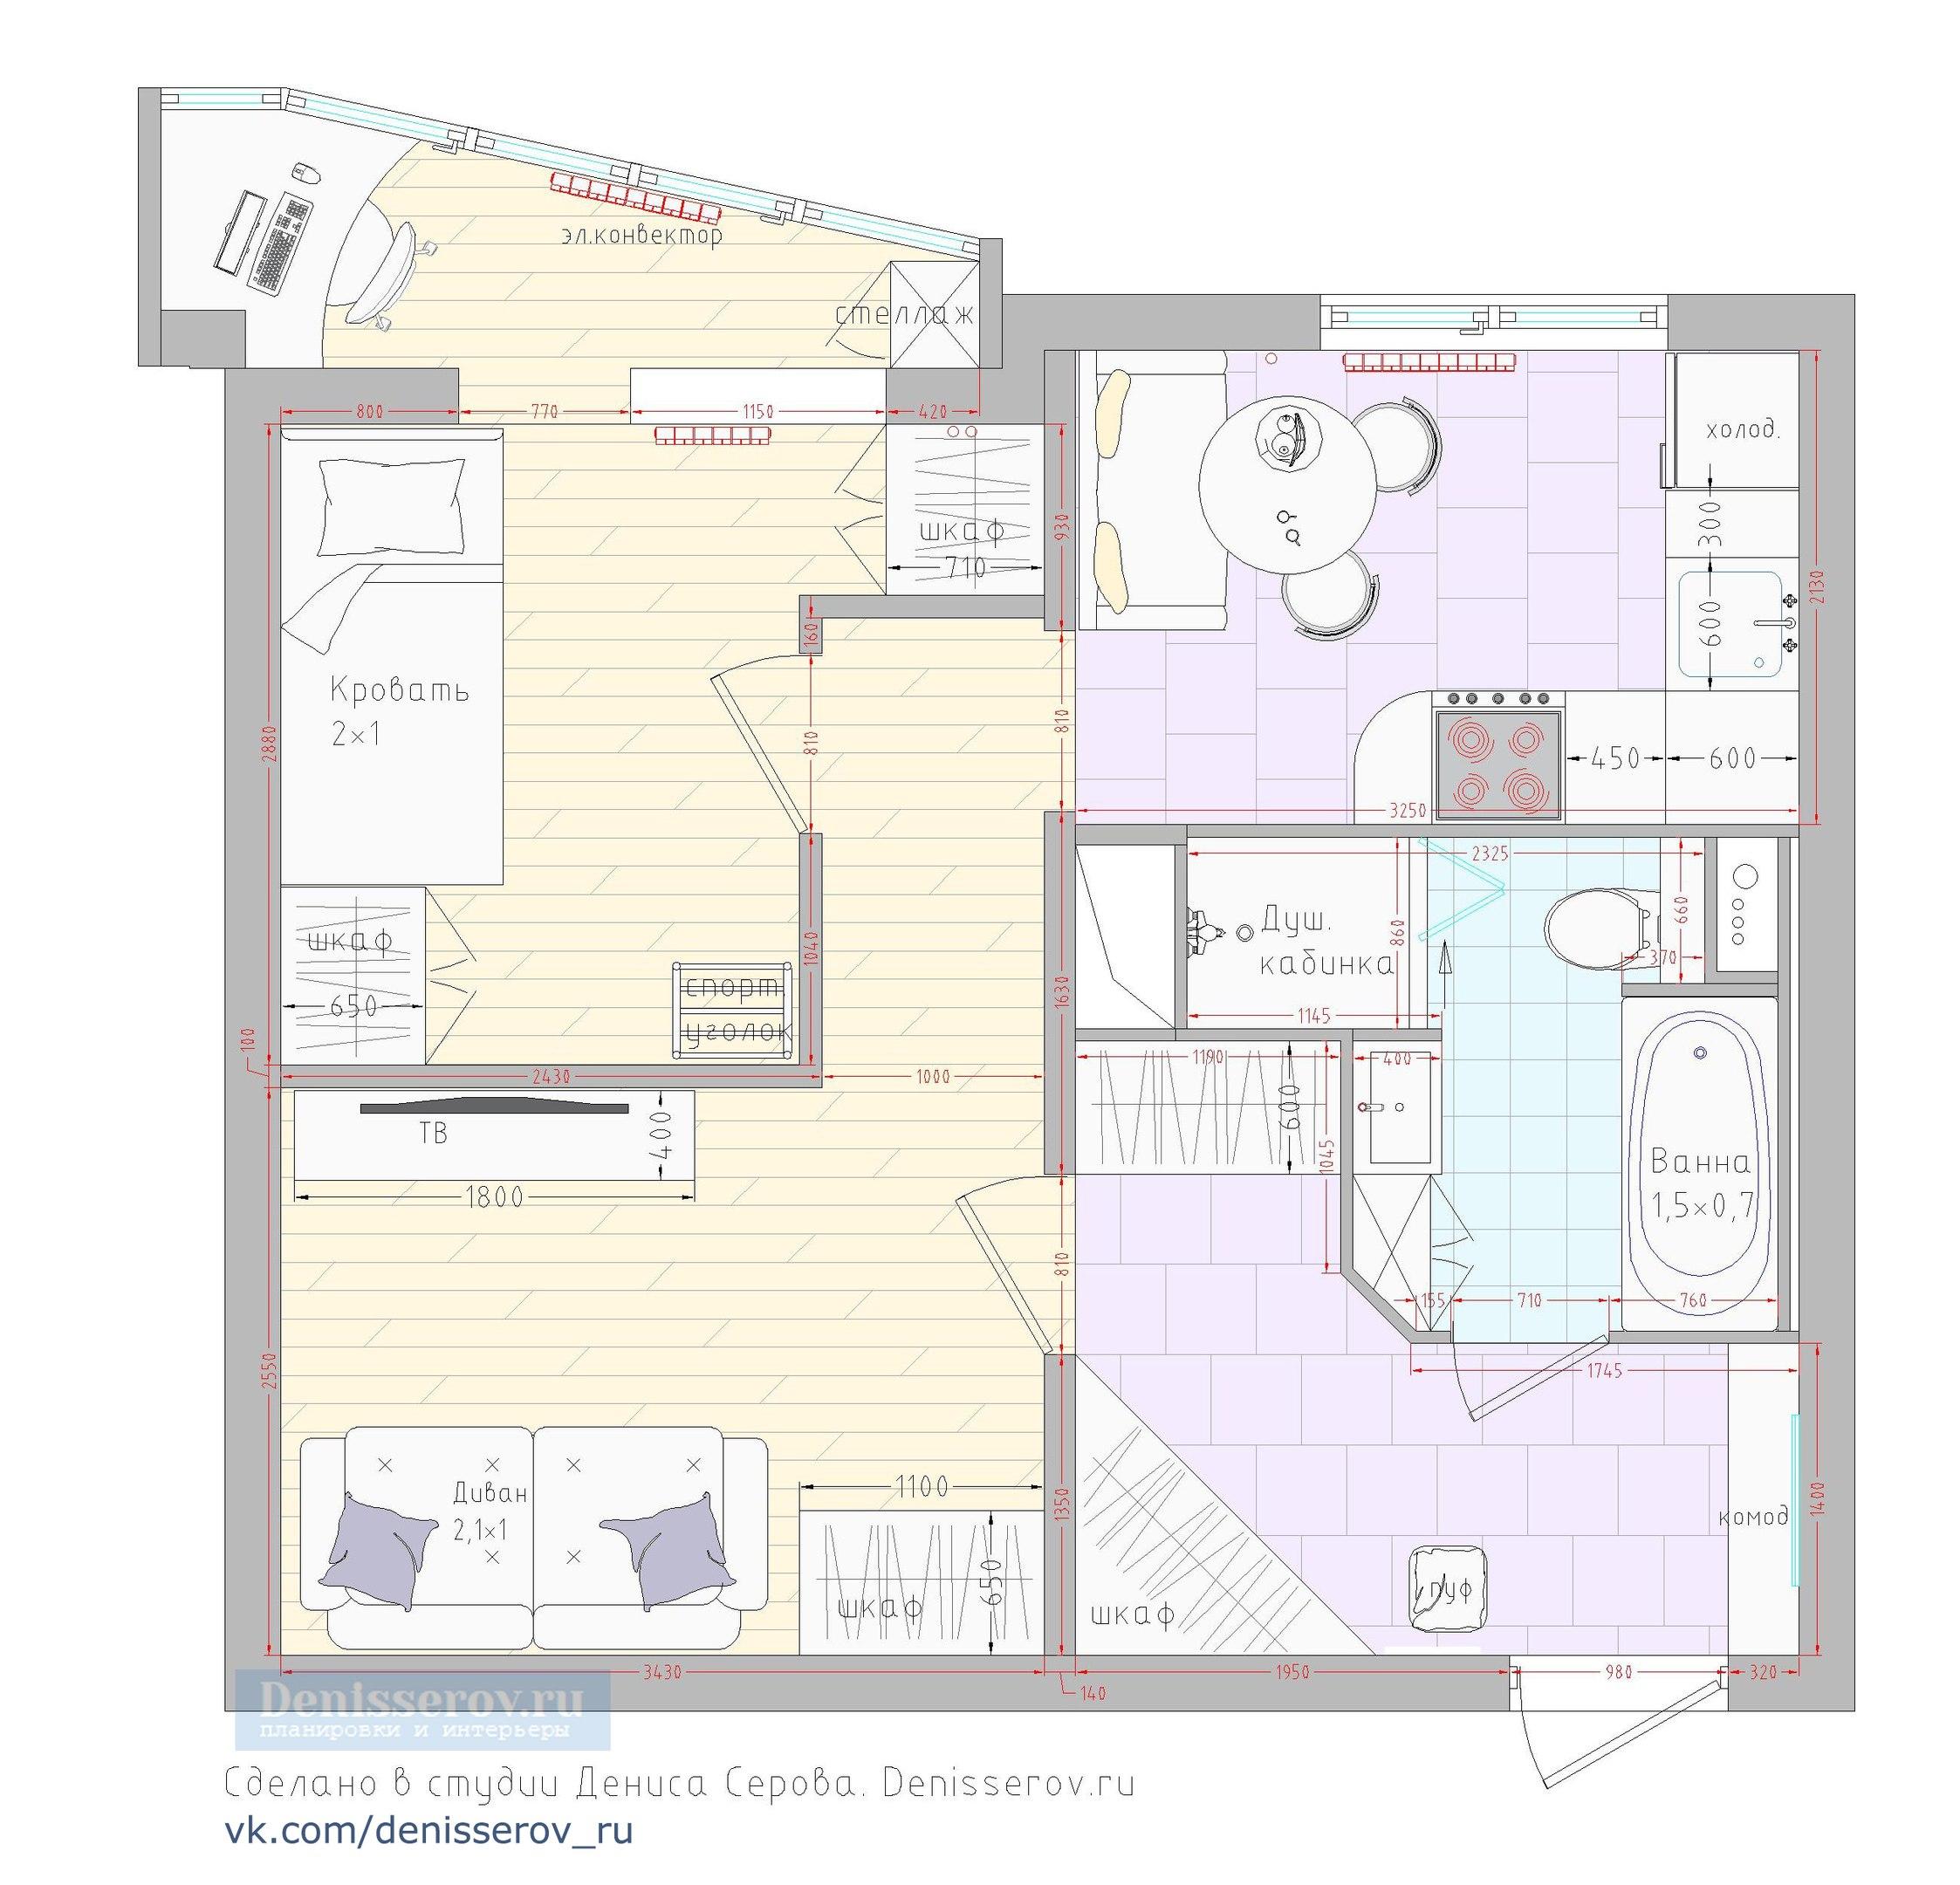 Планировка 1 однокомнатной квартиры п44т фото с размерами де.